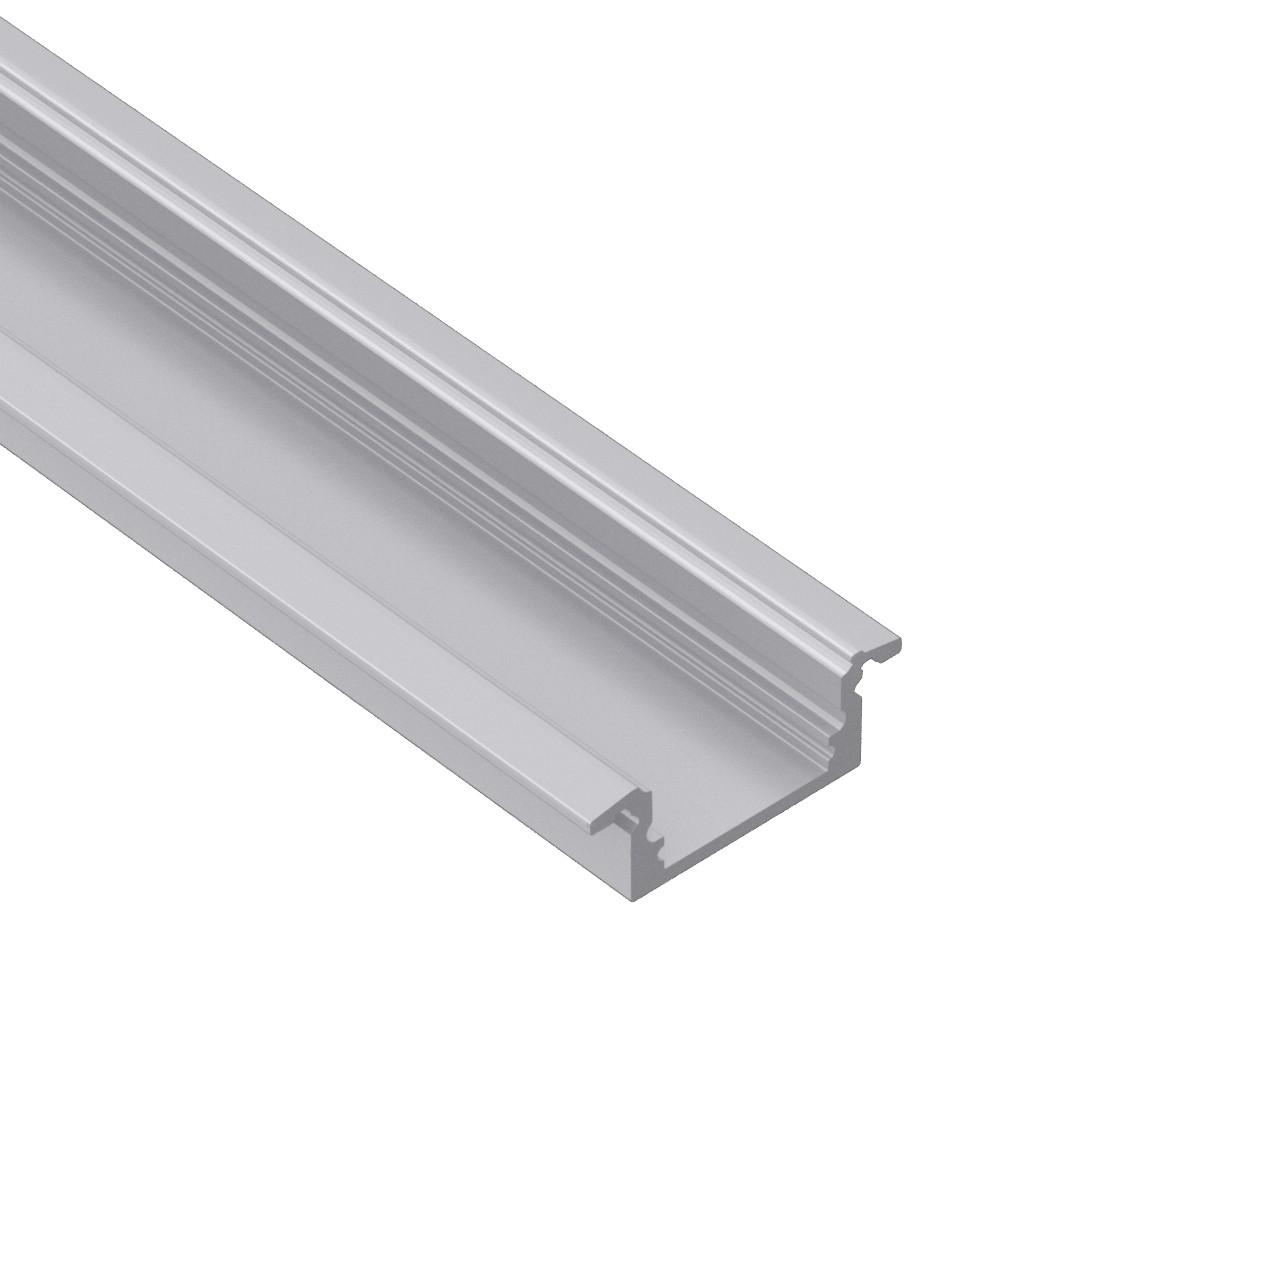 AR1 Einbauleuchten Led Aluminium-Profil